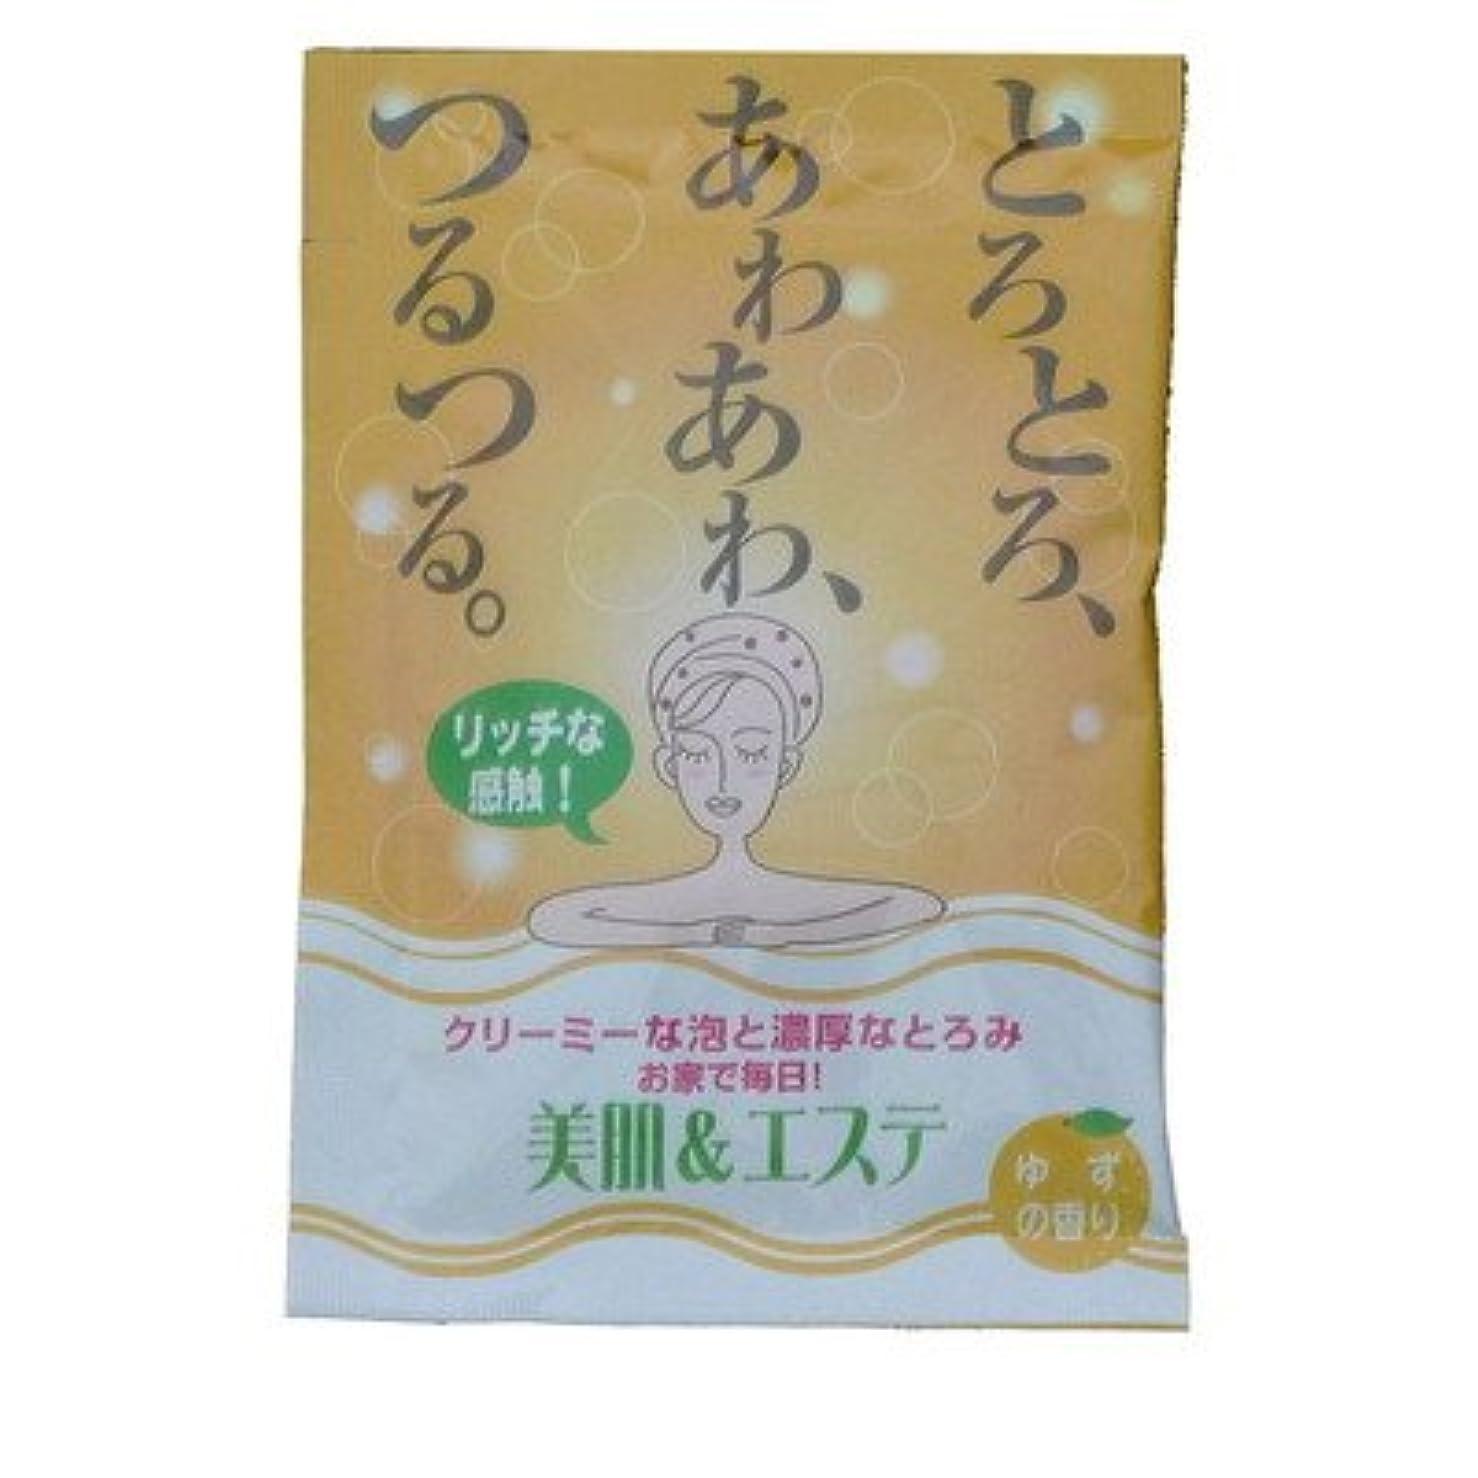 エステクリーミーバス ゆずの香り 30g 【6個パック】